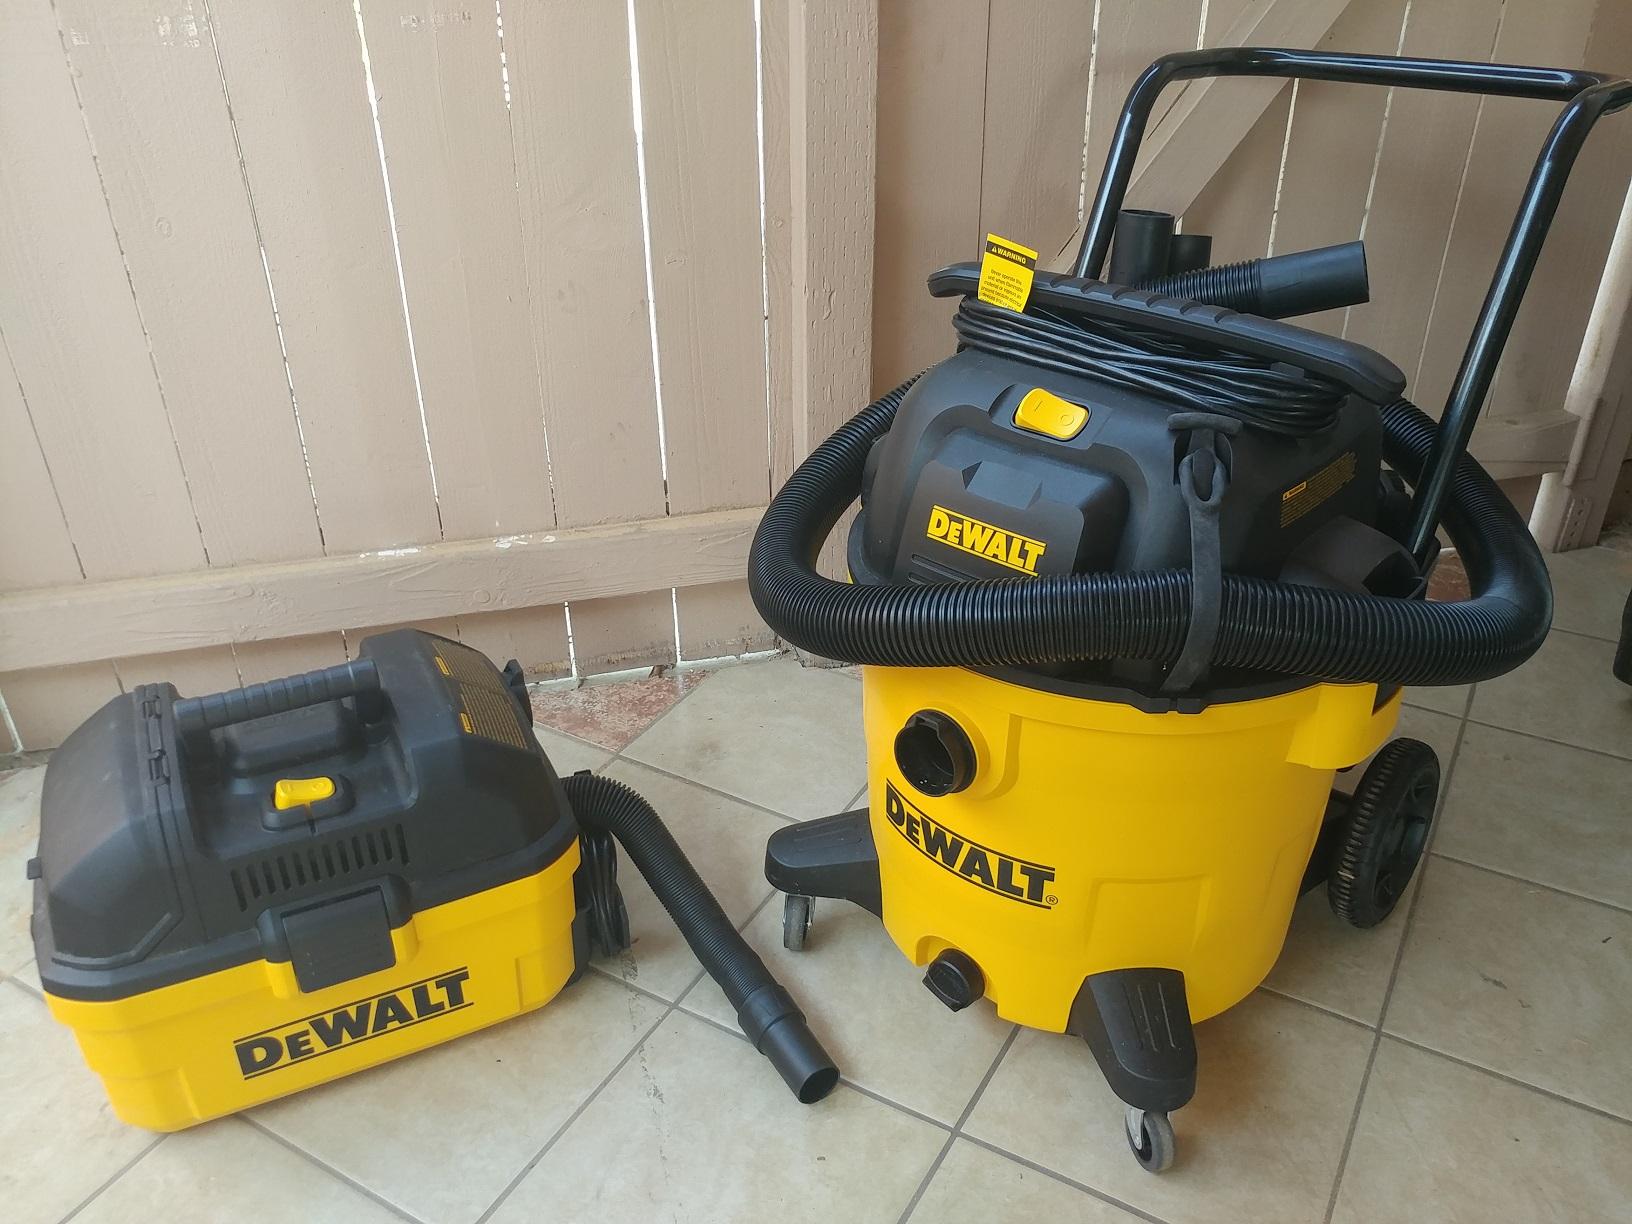 dewalt dxv04t 4 gallon portable dxv14p 14 gallon wet dry vac